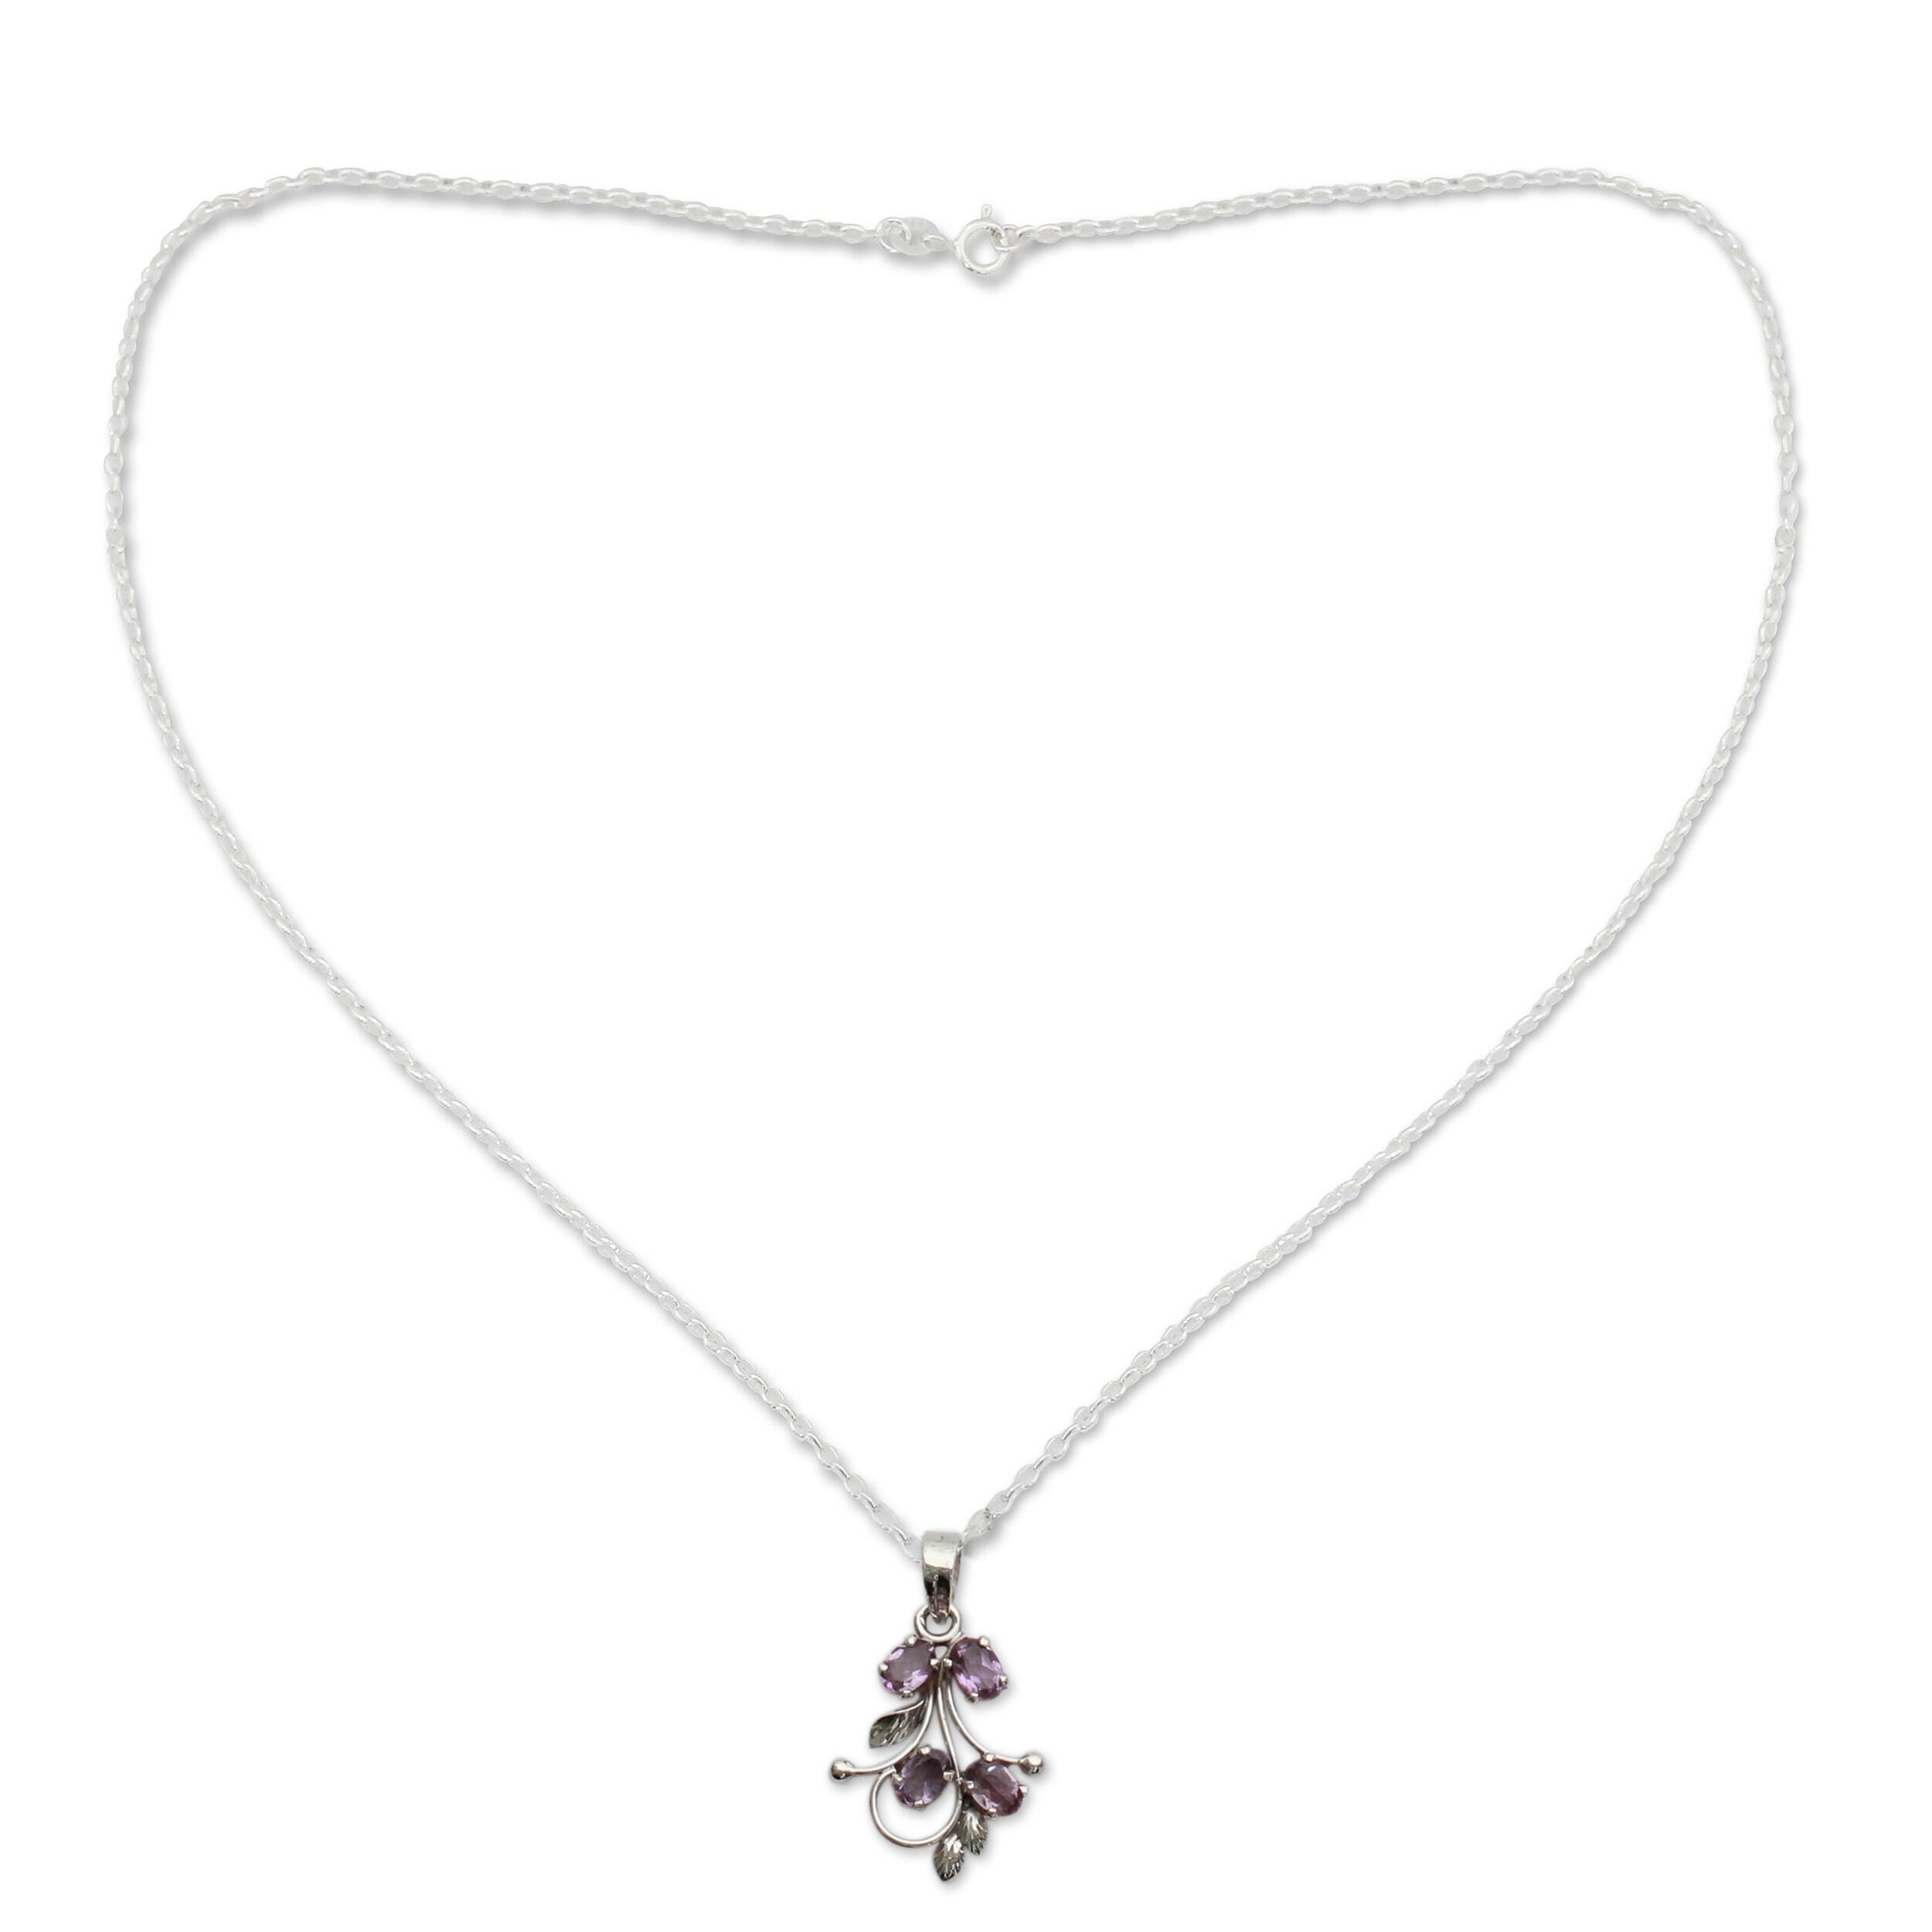 18 Glitzy Star NOVICA .925 Sterling Silver Pendant Necklace